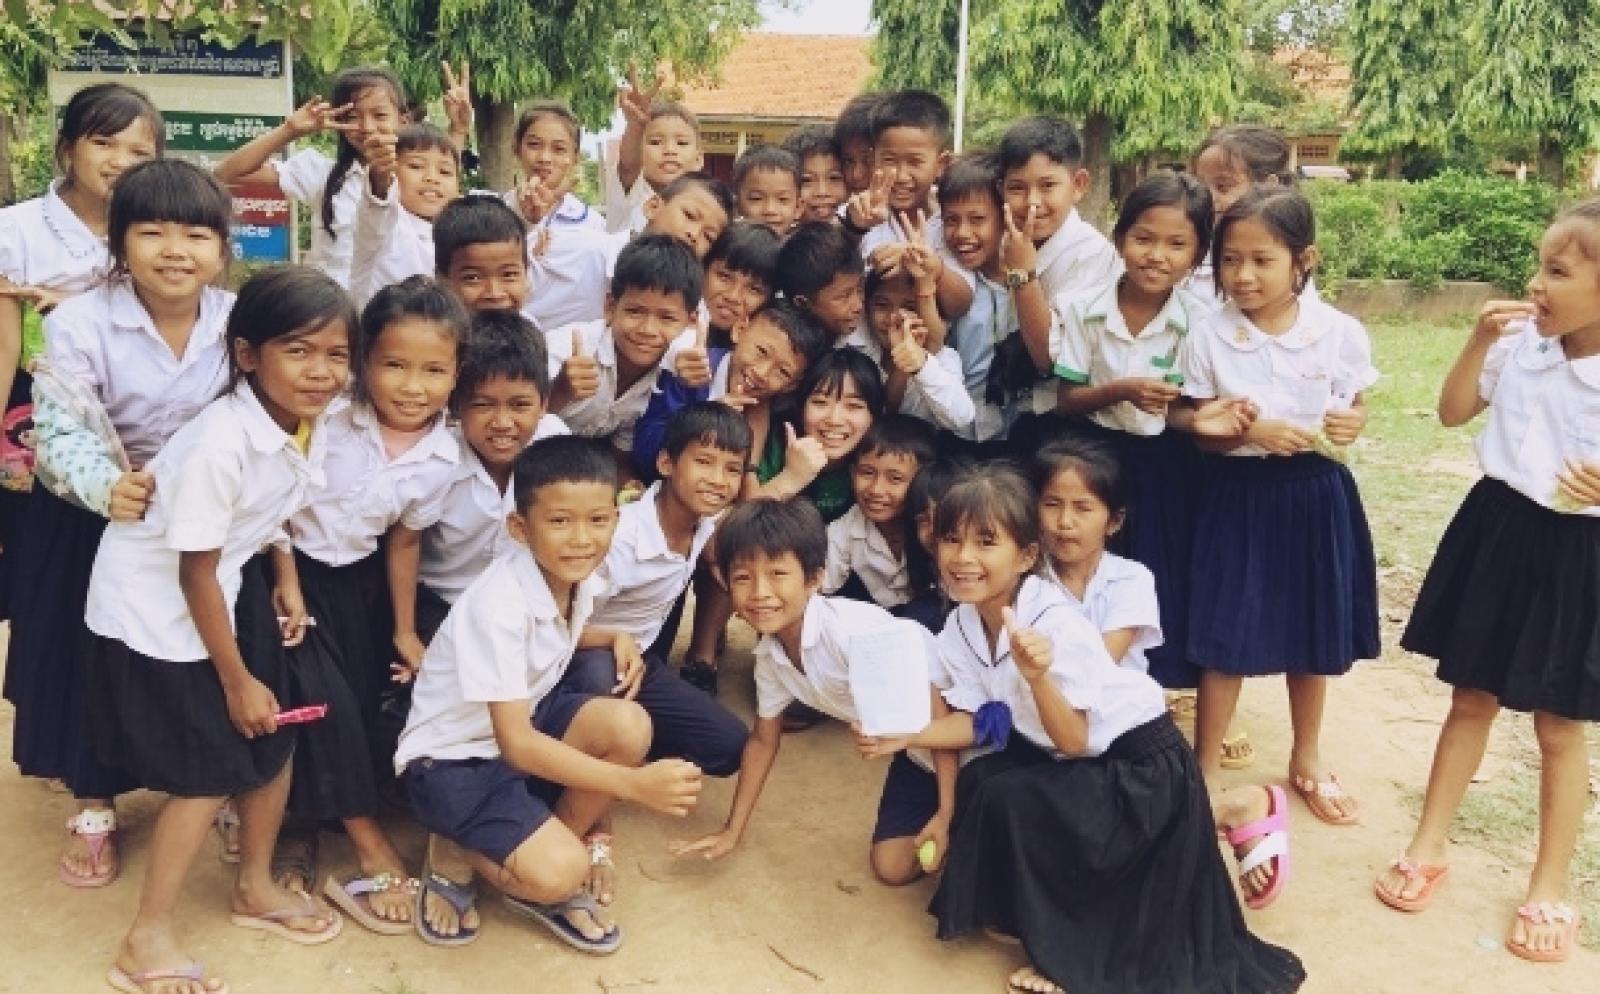 カンボジアでチャイルドケア&地域奉仕活動 海藻美緒